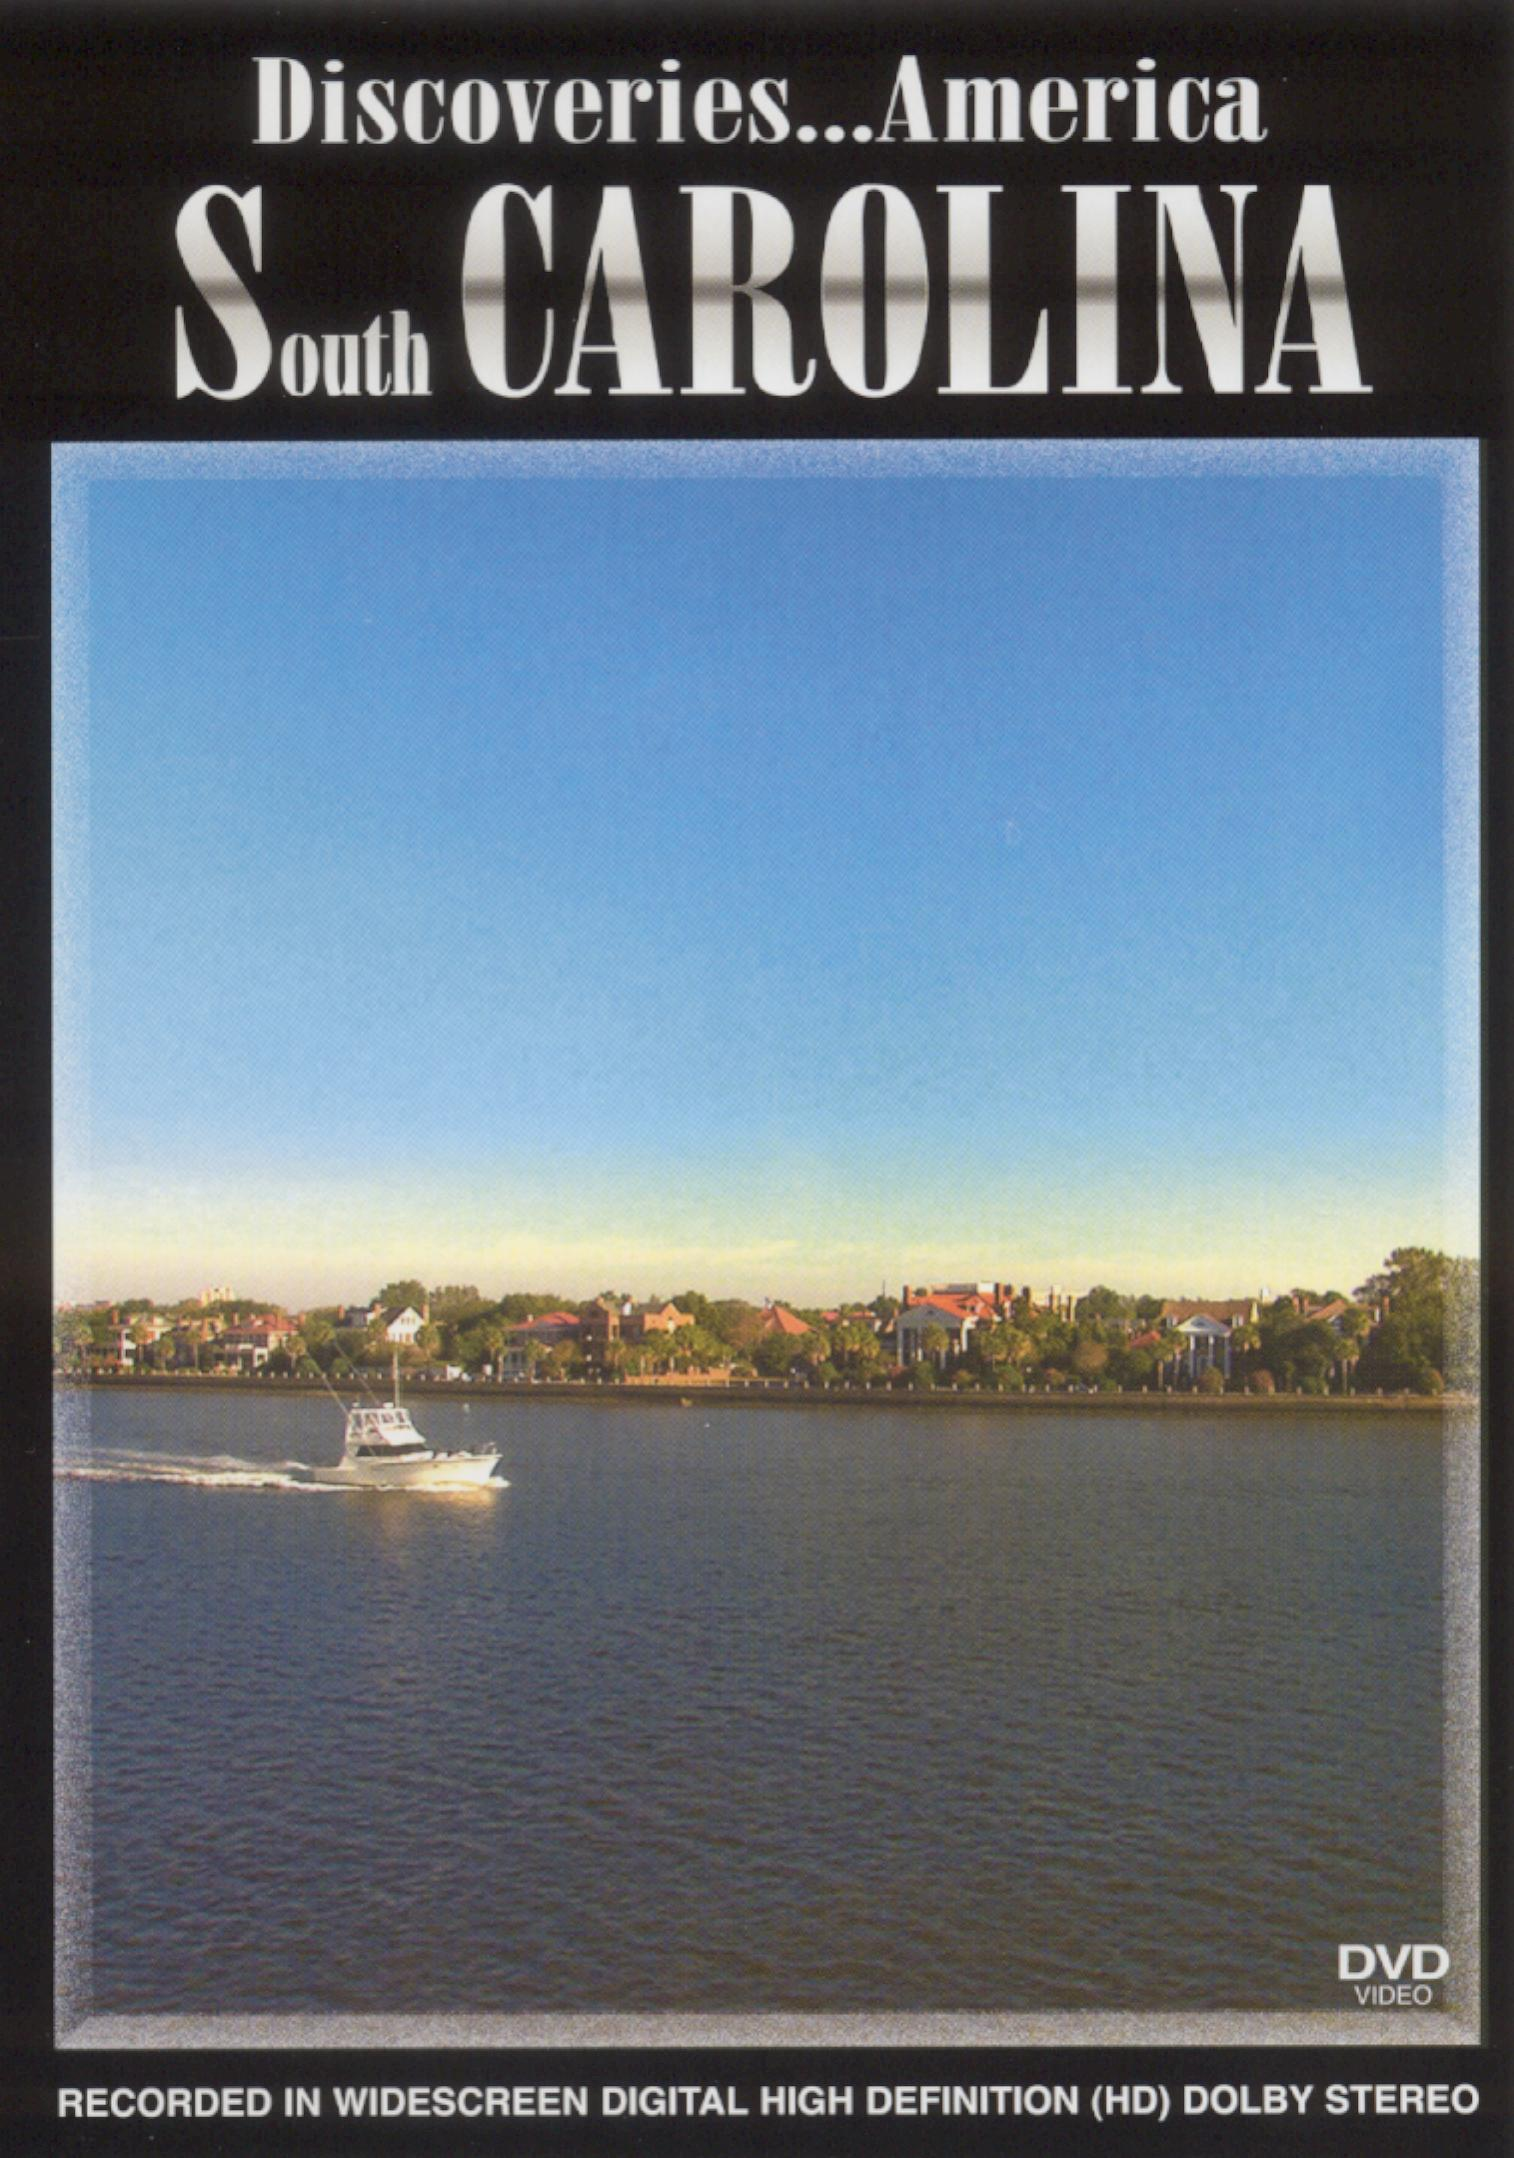 Discoveries... America: South Carolina